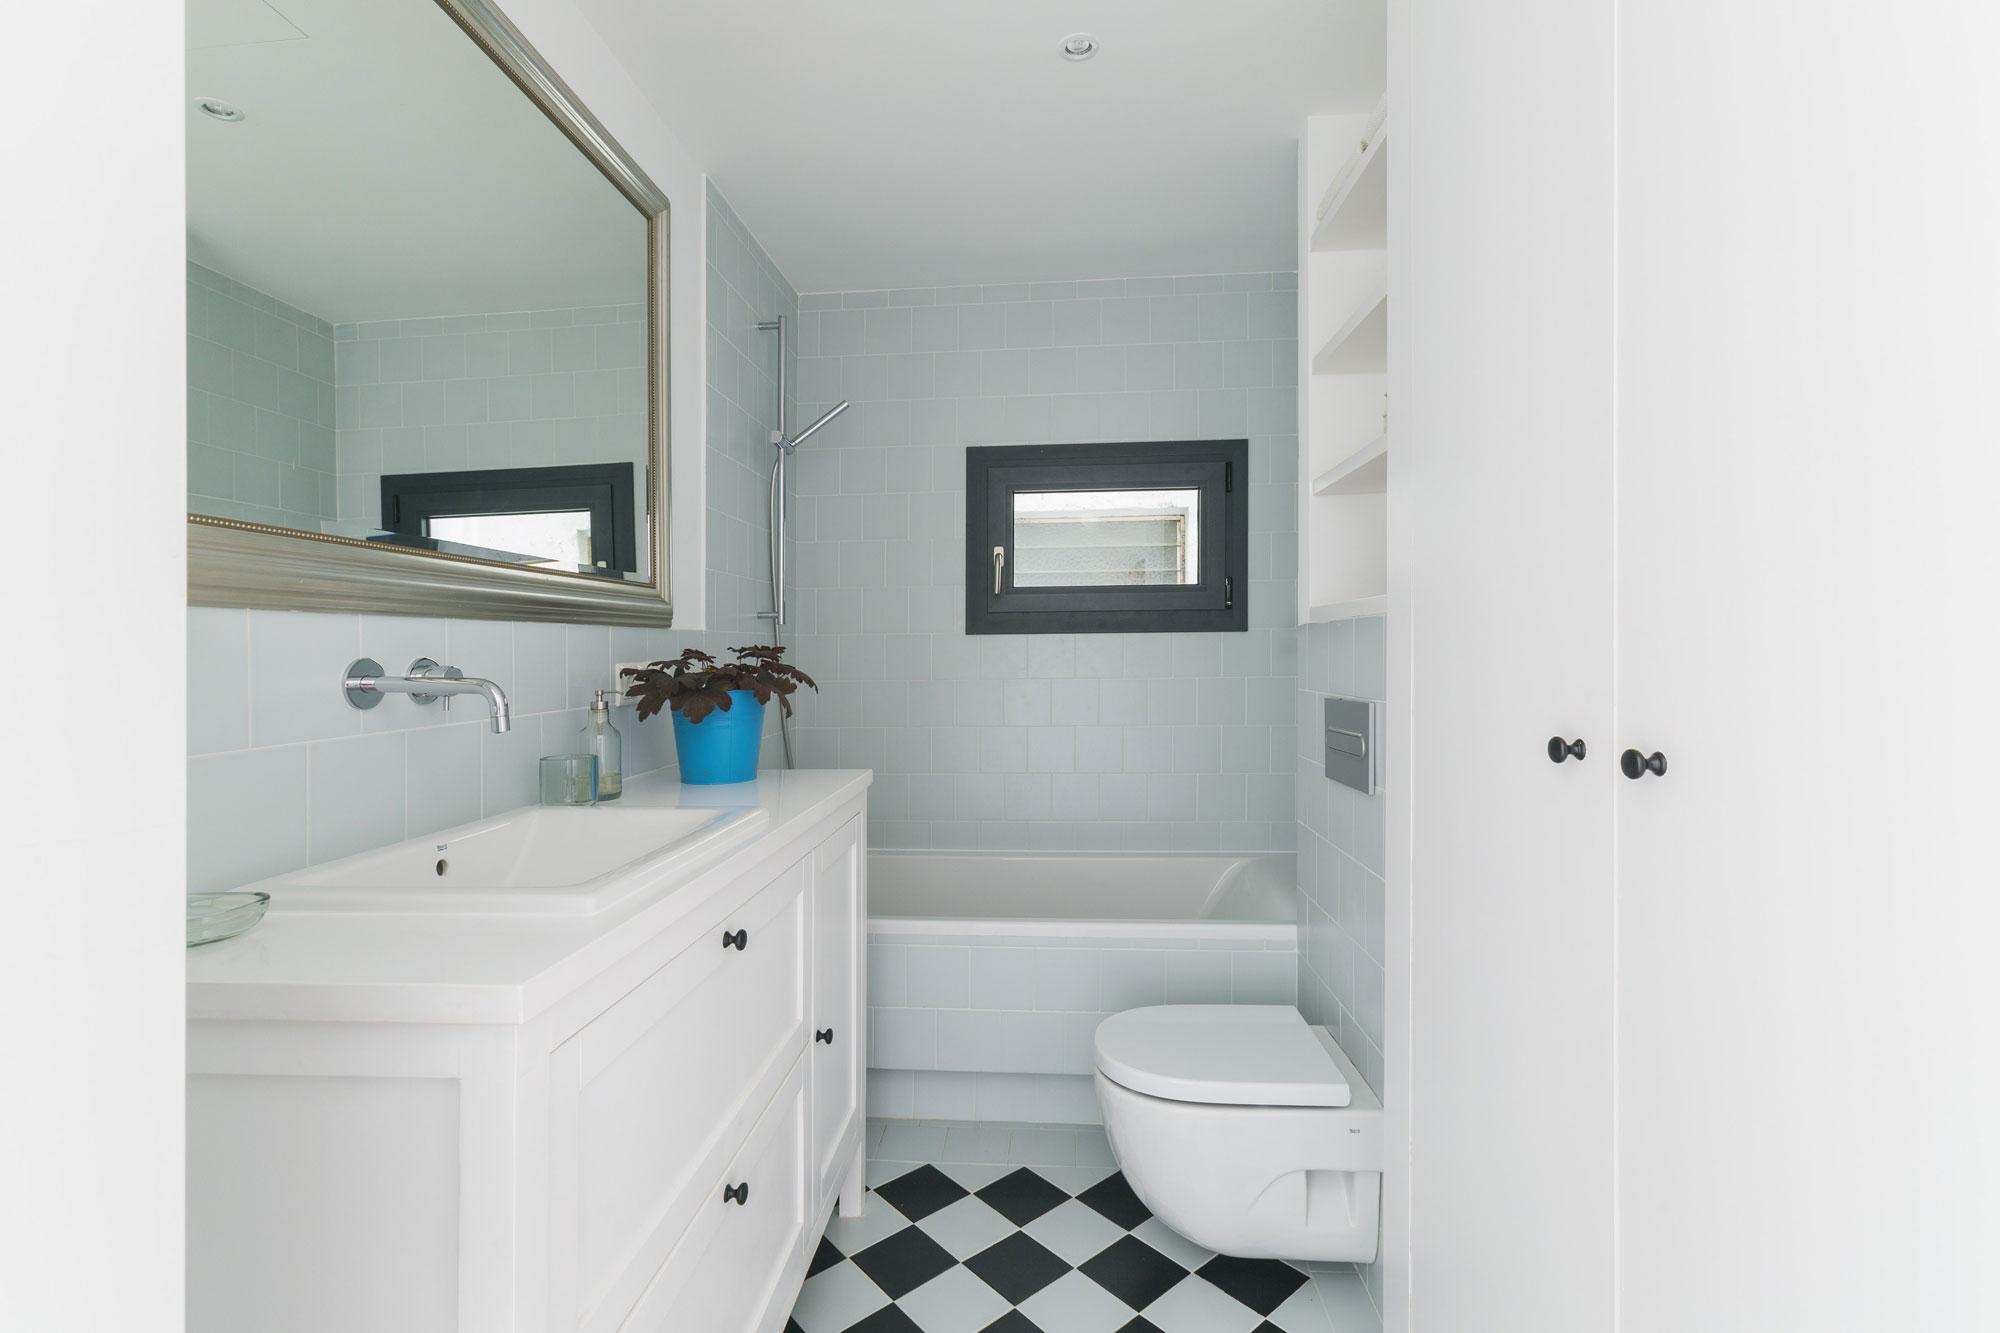 Дизайн маленьких ванных комнат совмещенных с туалетом фото